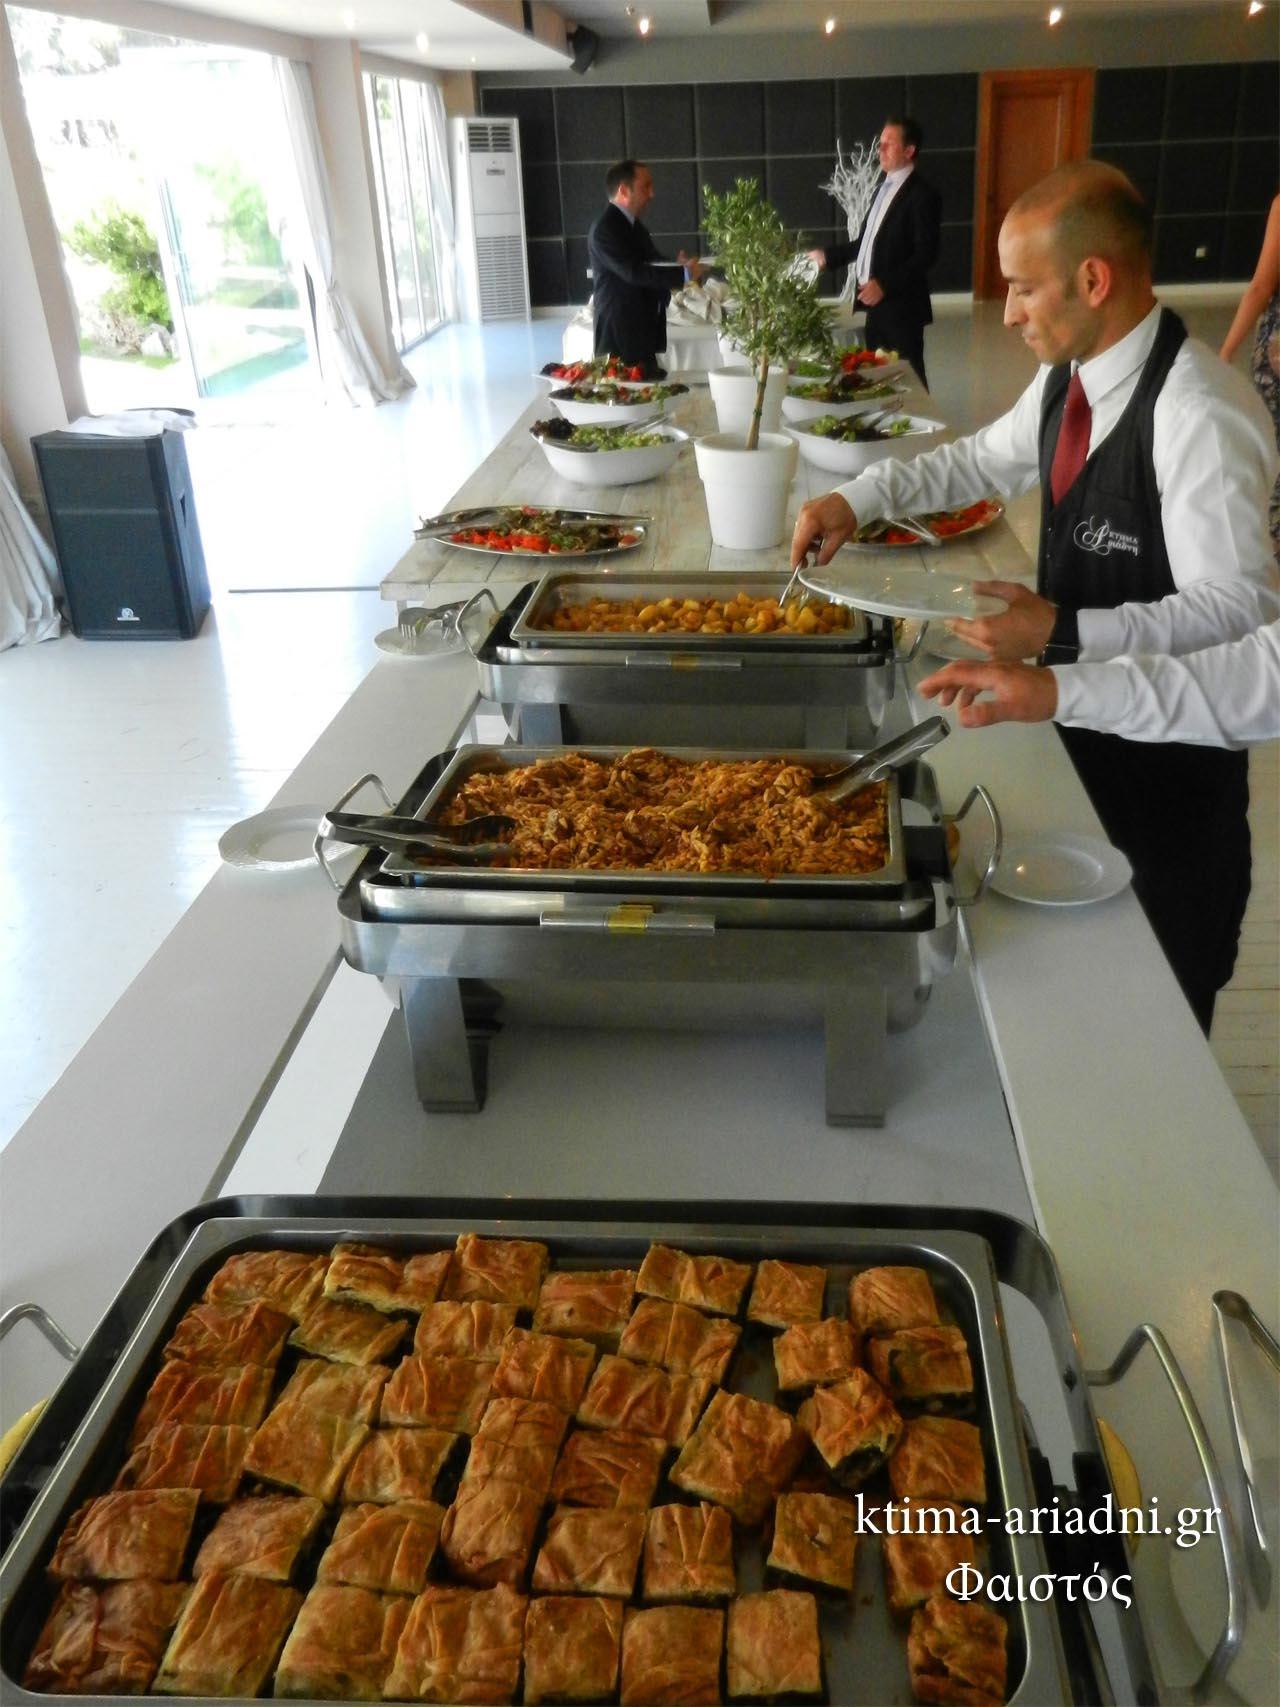 vaptisi-koukouvagia-roz-floral-buffet-service-5059-a